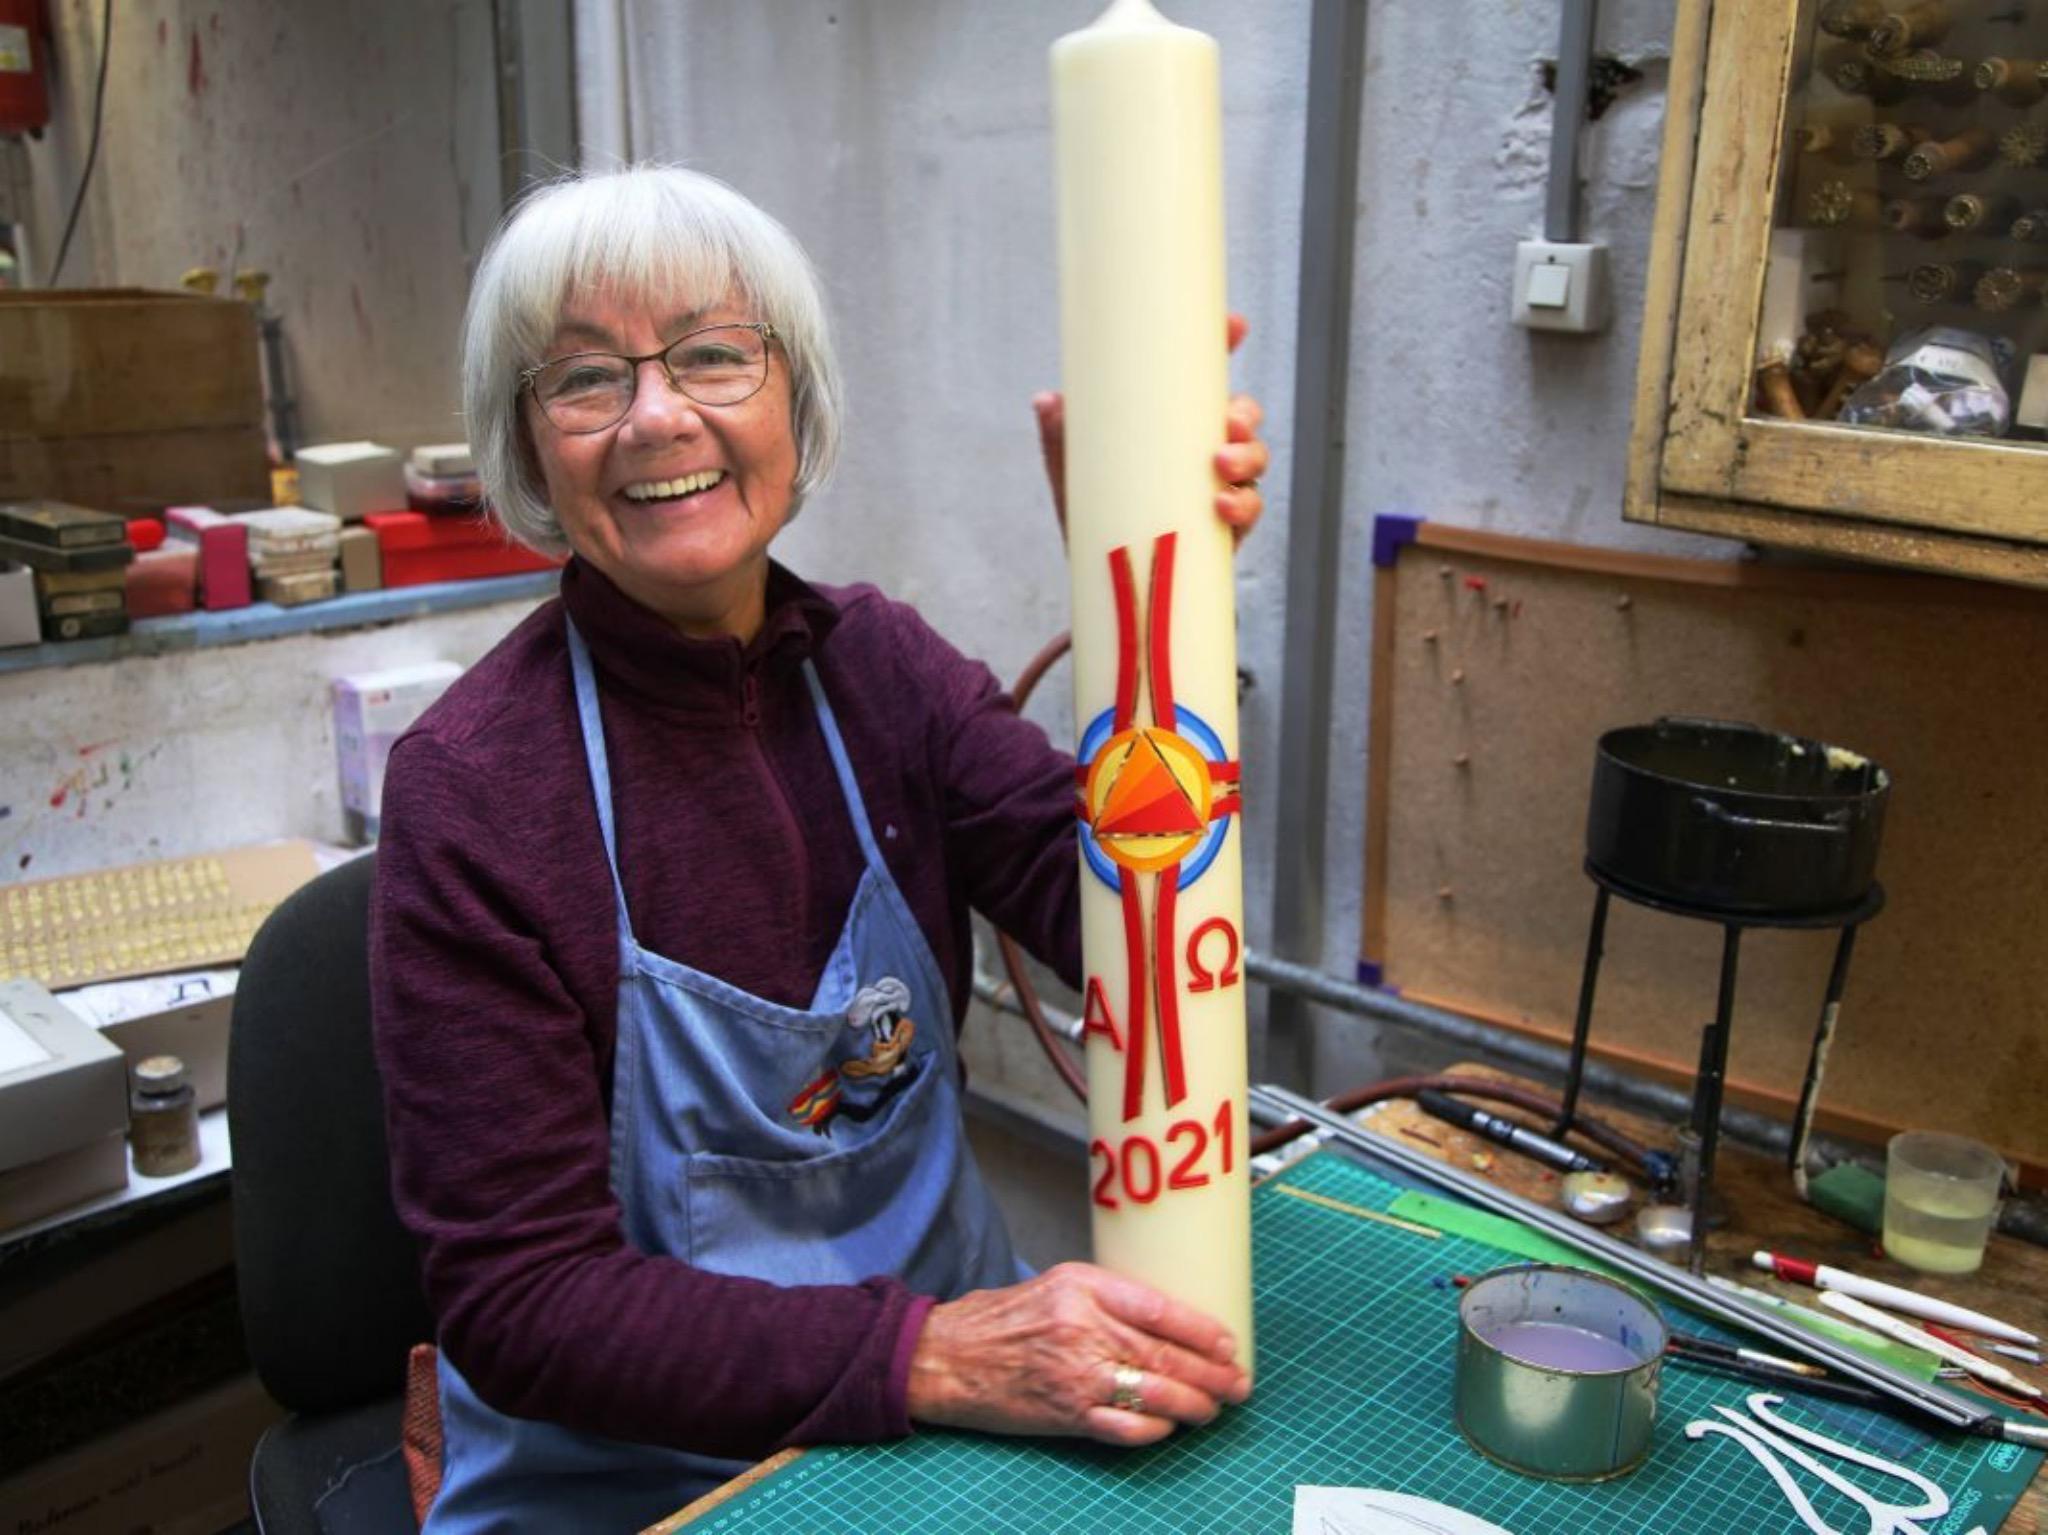 Theresia Schenk, Schenks Mutter, ist gelernte Wachsbildnerin. Foto: Magdalena Rössert (POW)